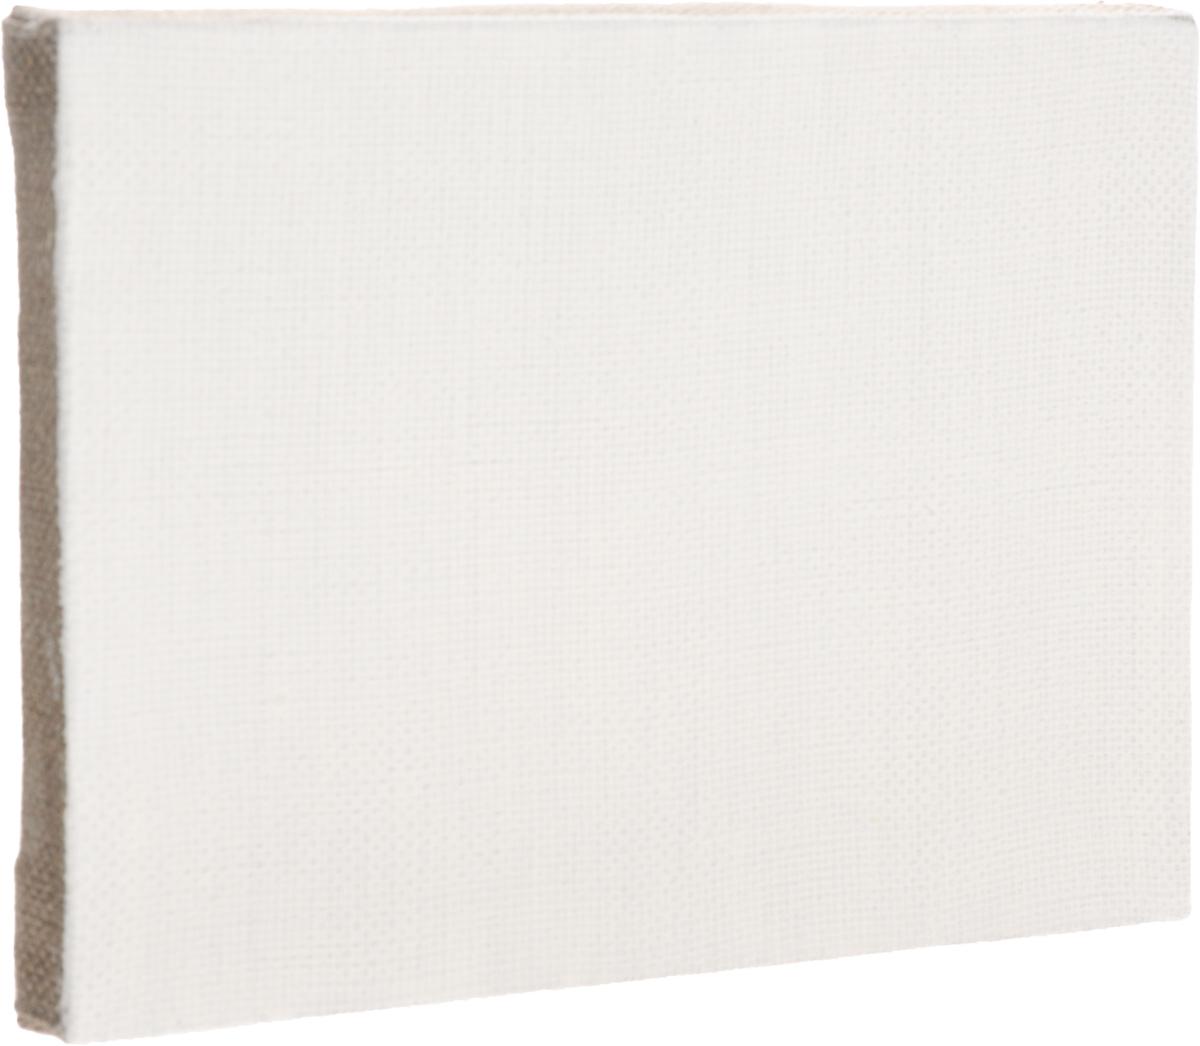 Холст ArtQuaDram Репинский на подрамнике, грунтованный, 18 х 24 смТ0003901Холст на деревянном подрамнике ArtQuaDram Репинский изготовлен из 100% натурального льна. Подходит для профессионалов и художников. Холст не трескается, не впитывает слишком много краски, цвет краски и качество не изменяются. Холст идеально подходит для масляной и акриловой живописи.